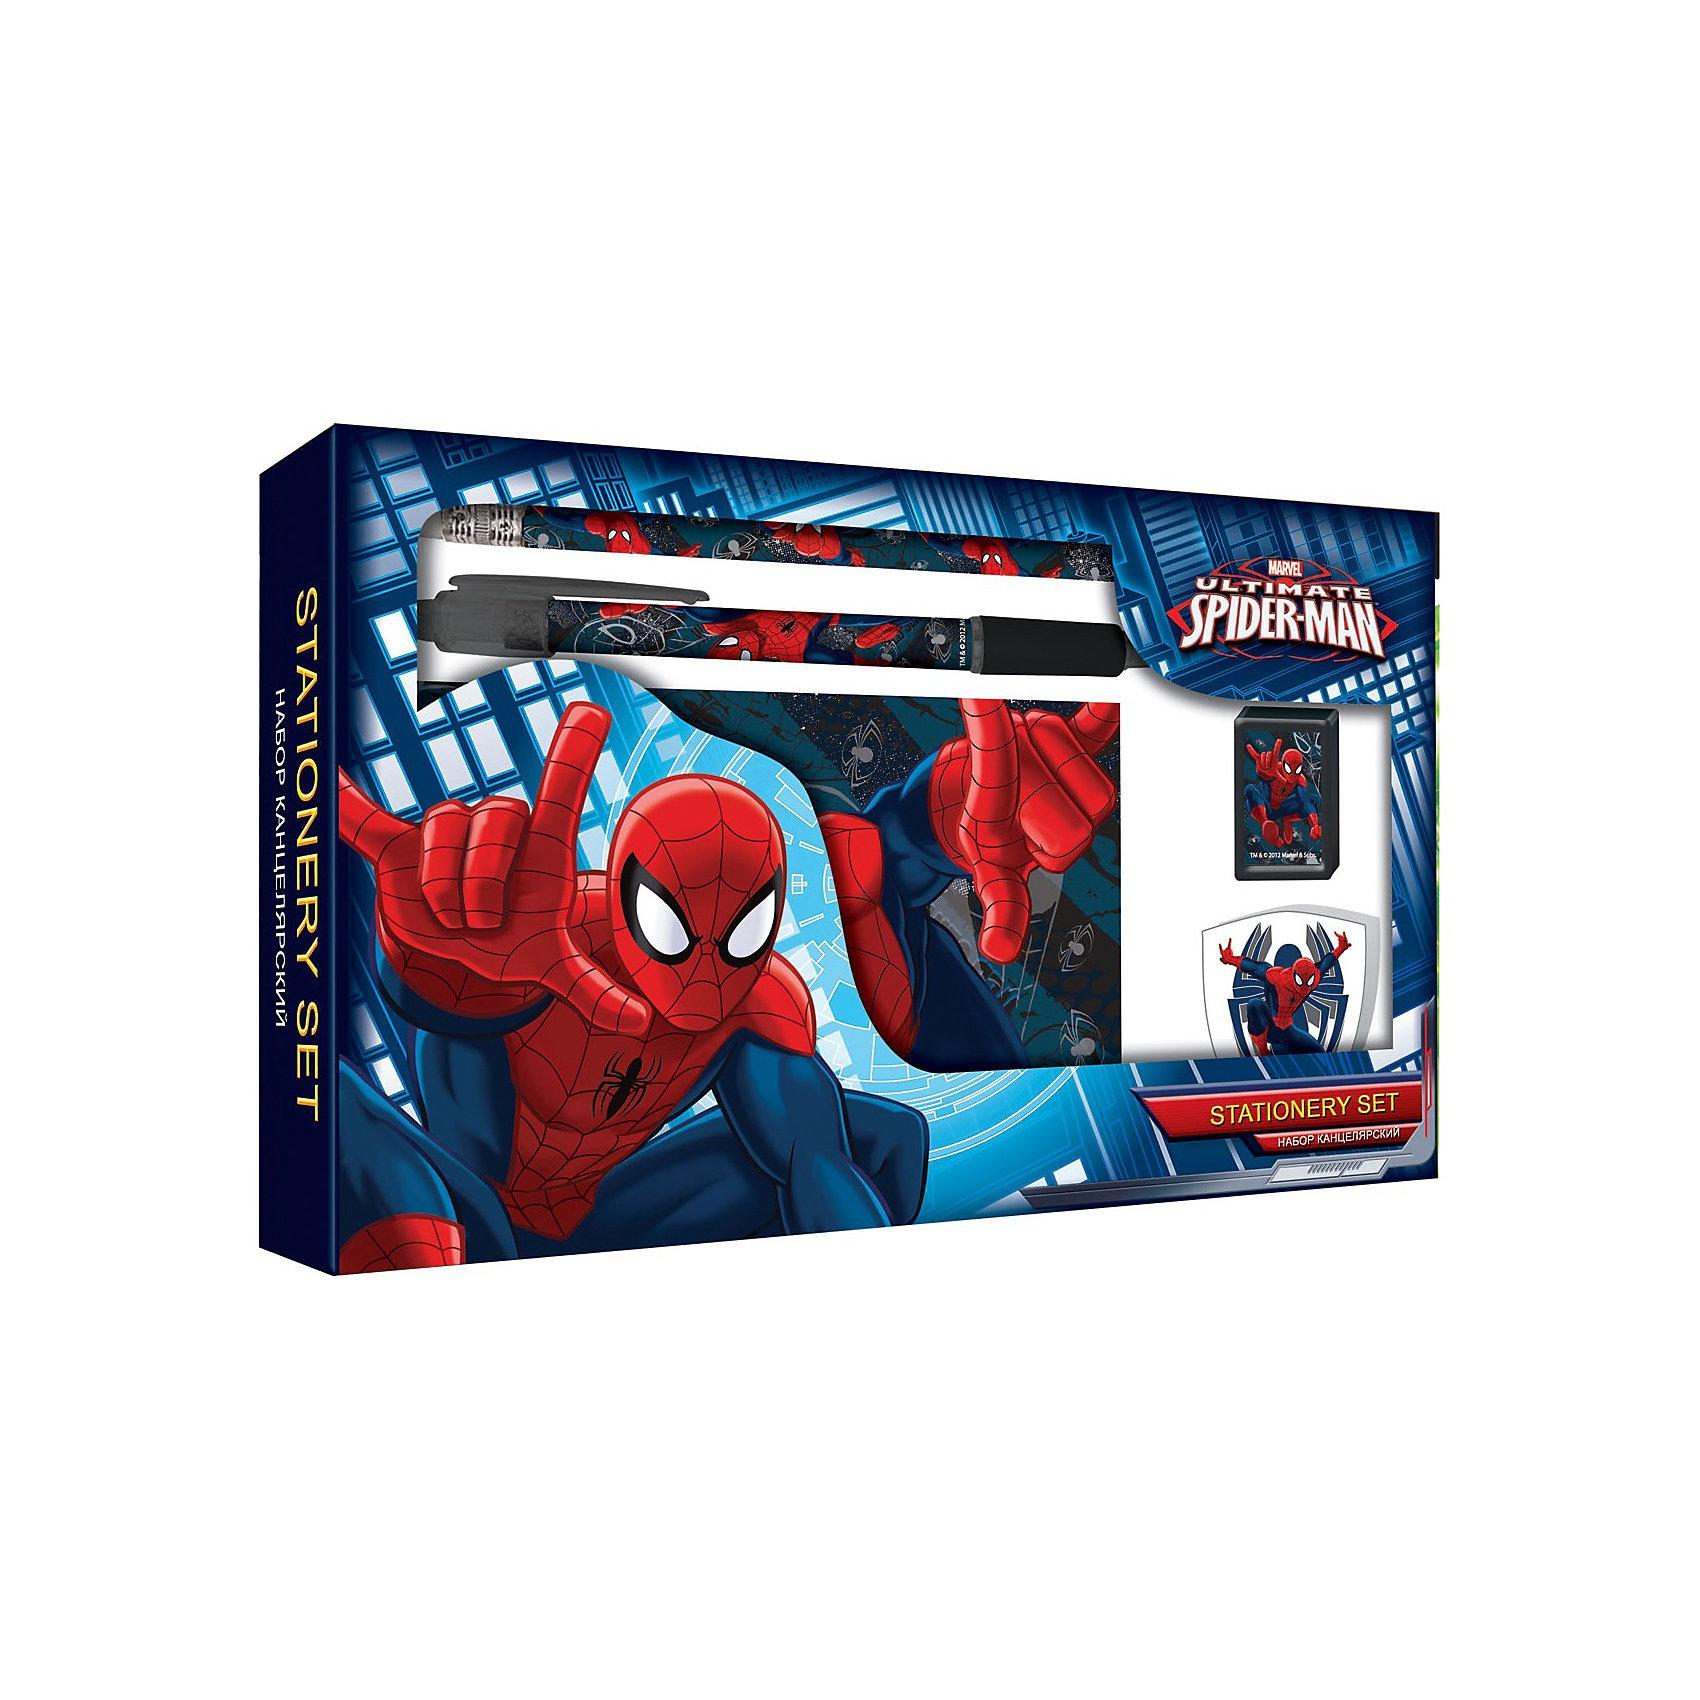 Набор канцелярский в подарочной коробке, Человек-ПаукЧеловек-Паук<br>Канцелярский набор Spider man (Человек Паук) порадует маленького школьника стильными дизайном в стиле любимого персонажа Человека-паука. В комплект входят ручка, записная книжка. карандаш ч/г, точилка и ластик. Все предметы украшены изображениями Spider man.<br><br>Дополнительная информация:<br><br>- В комплекте: ручка, записная книжка. карандаш ч/г, точилка, ластик.<br>- Размер упаковки: 3 х 21 х 14 см.<br>- Вес:  0,189 кг.<br><br>Канцелярский набор Spider man можно купить в нашем интернет-магазине.<br><br>Ширина мм: 220<br>Глубина мм: 140<br>Высота мм: 30<br>Вес г: 182<br>Возраст от месяцев: -2147483648<br>Возраст до месяцев: 2147483647<br>Пол: Мужской<br>Возраст: Детский<br>SKU: 3562985